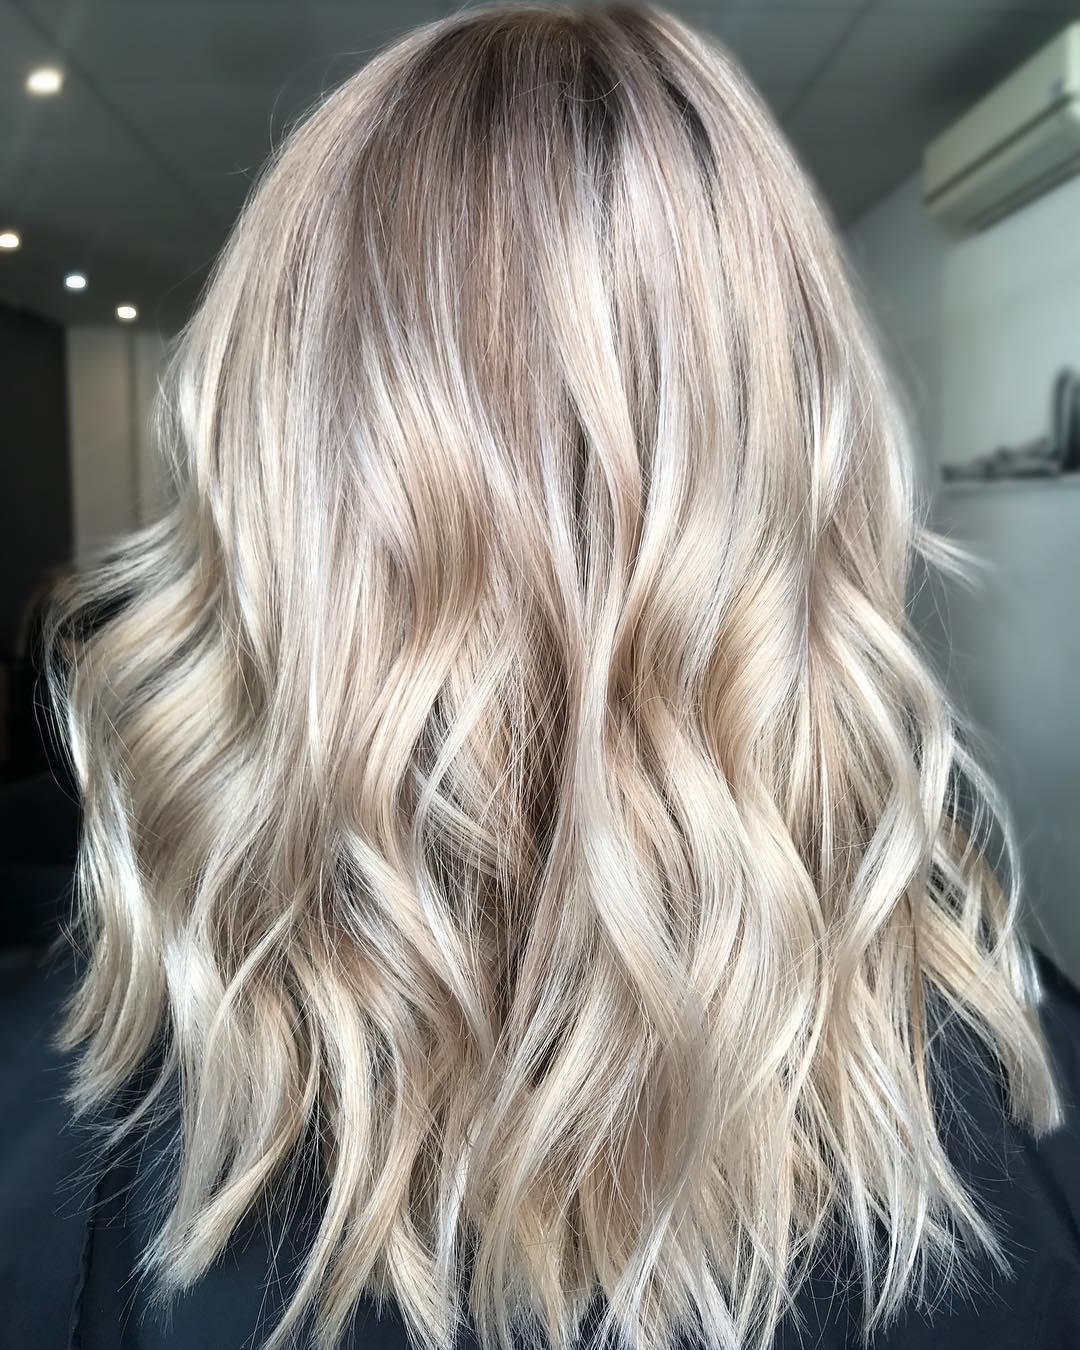 Τάσεις στο χρώμα των μαλλιών - Vanilla Milkshake